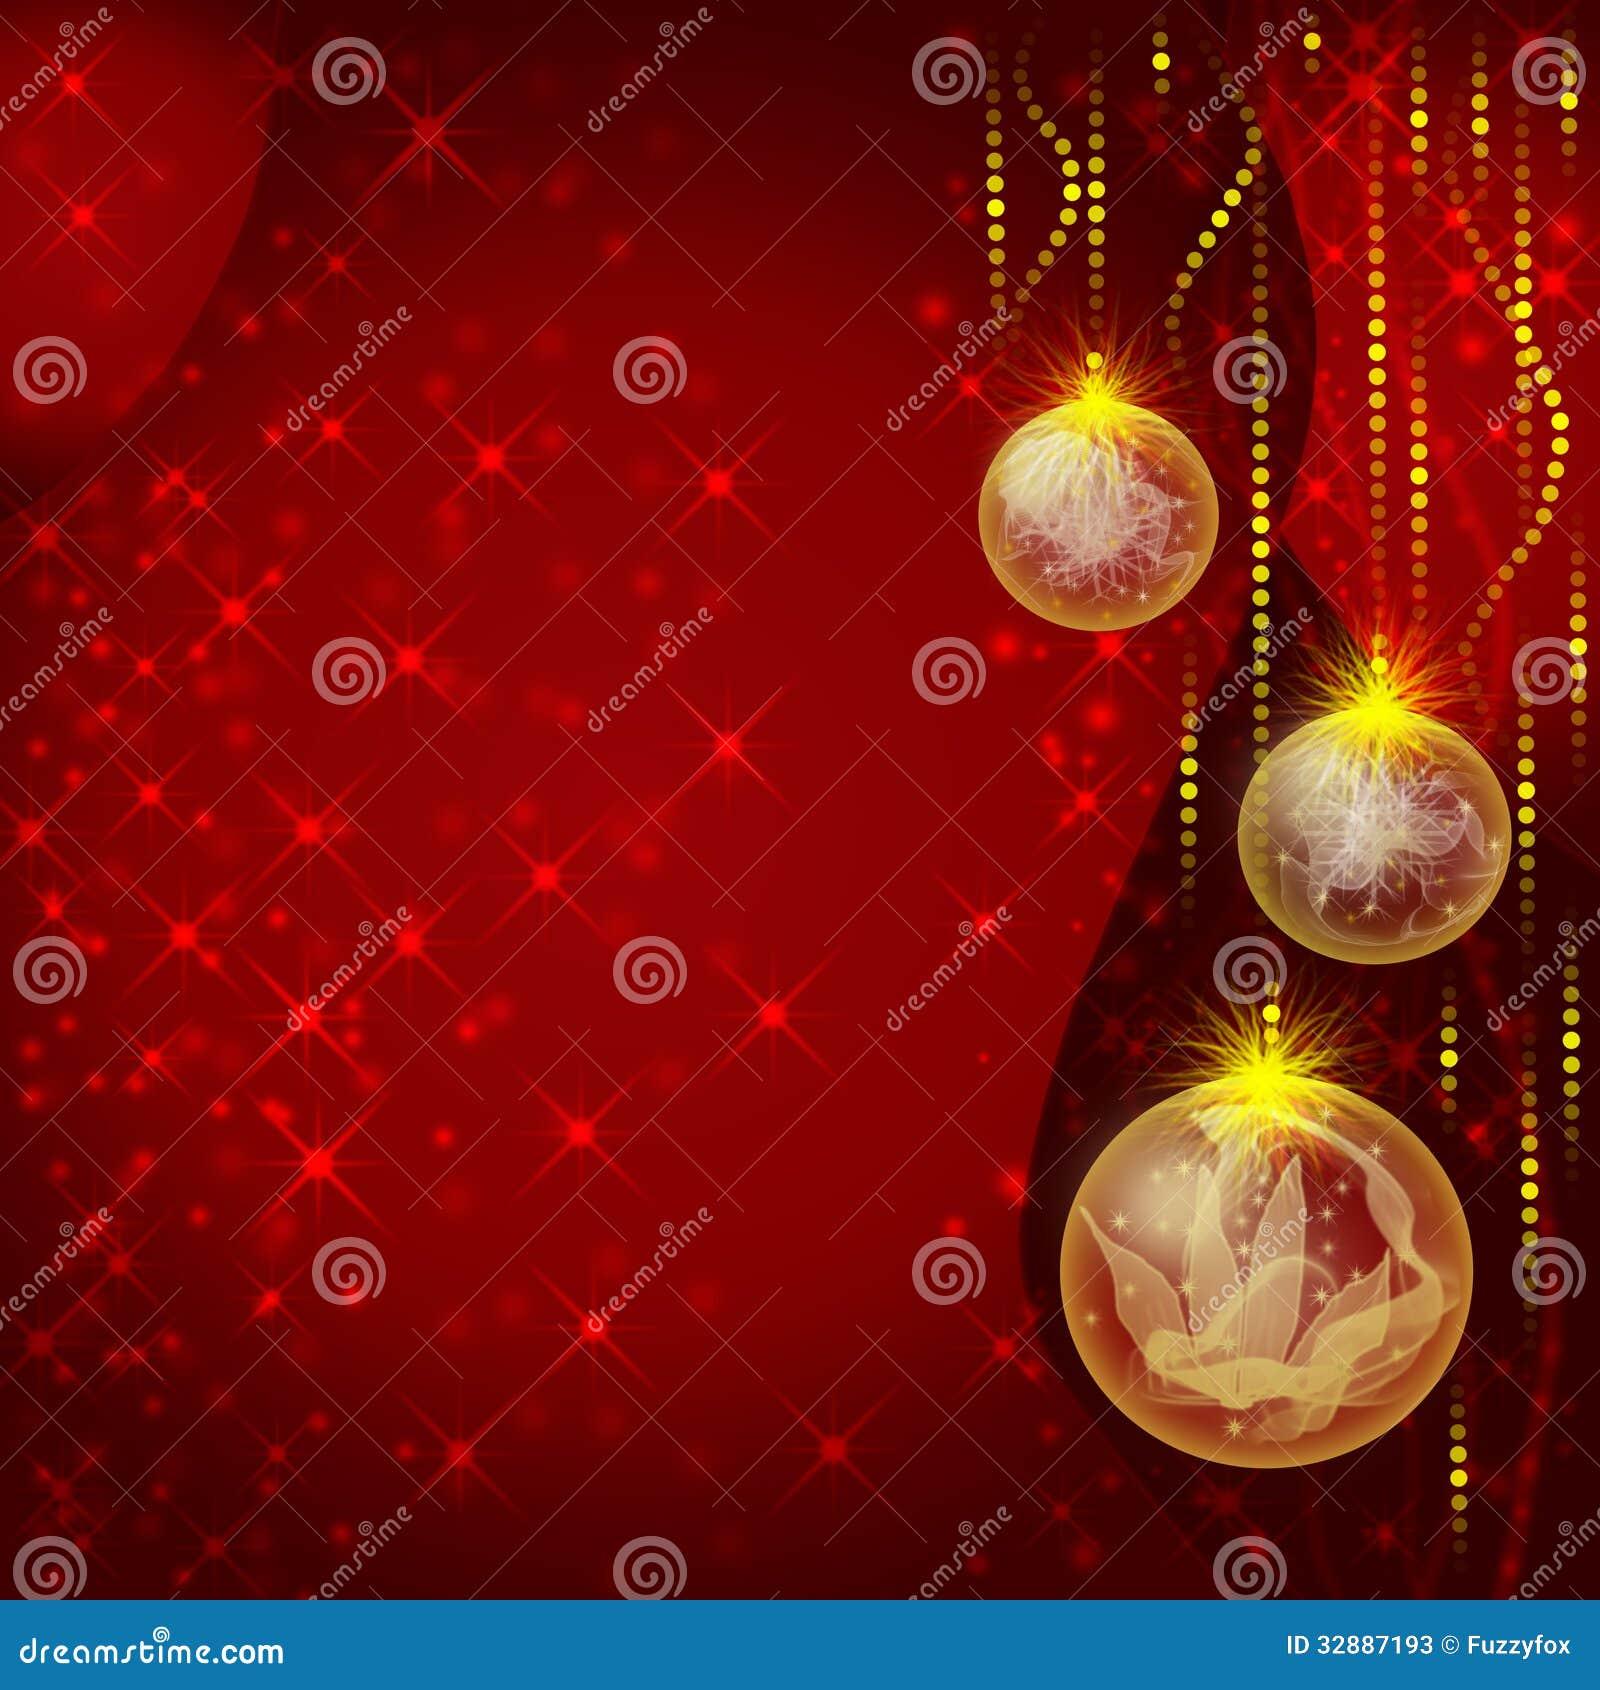 Tarjeta de felicitaci n roja de la navidad fotos de - Tarjetas felicitacion navidad ...